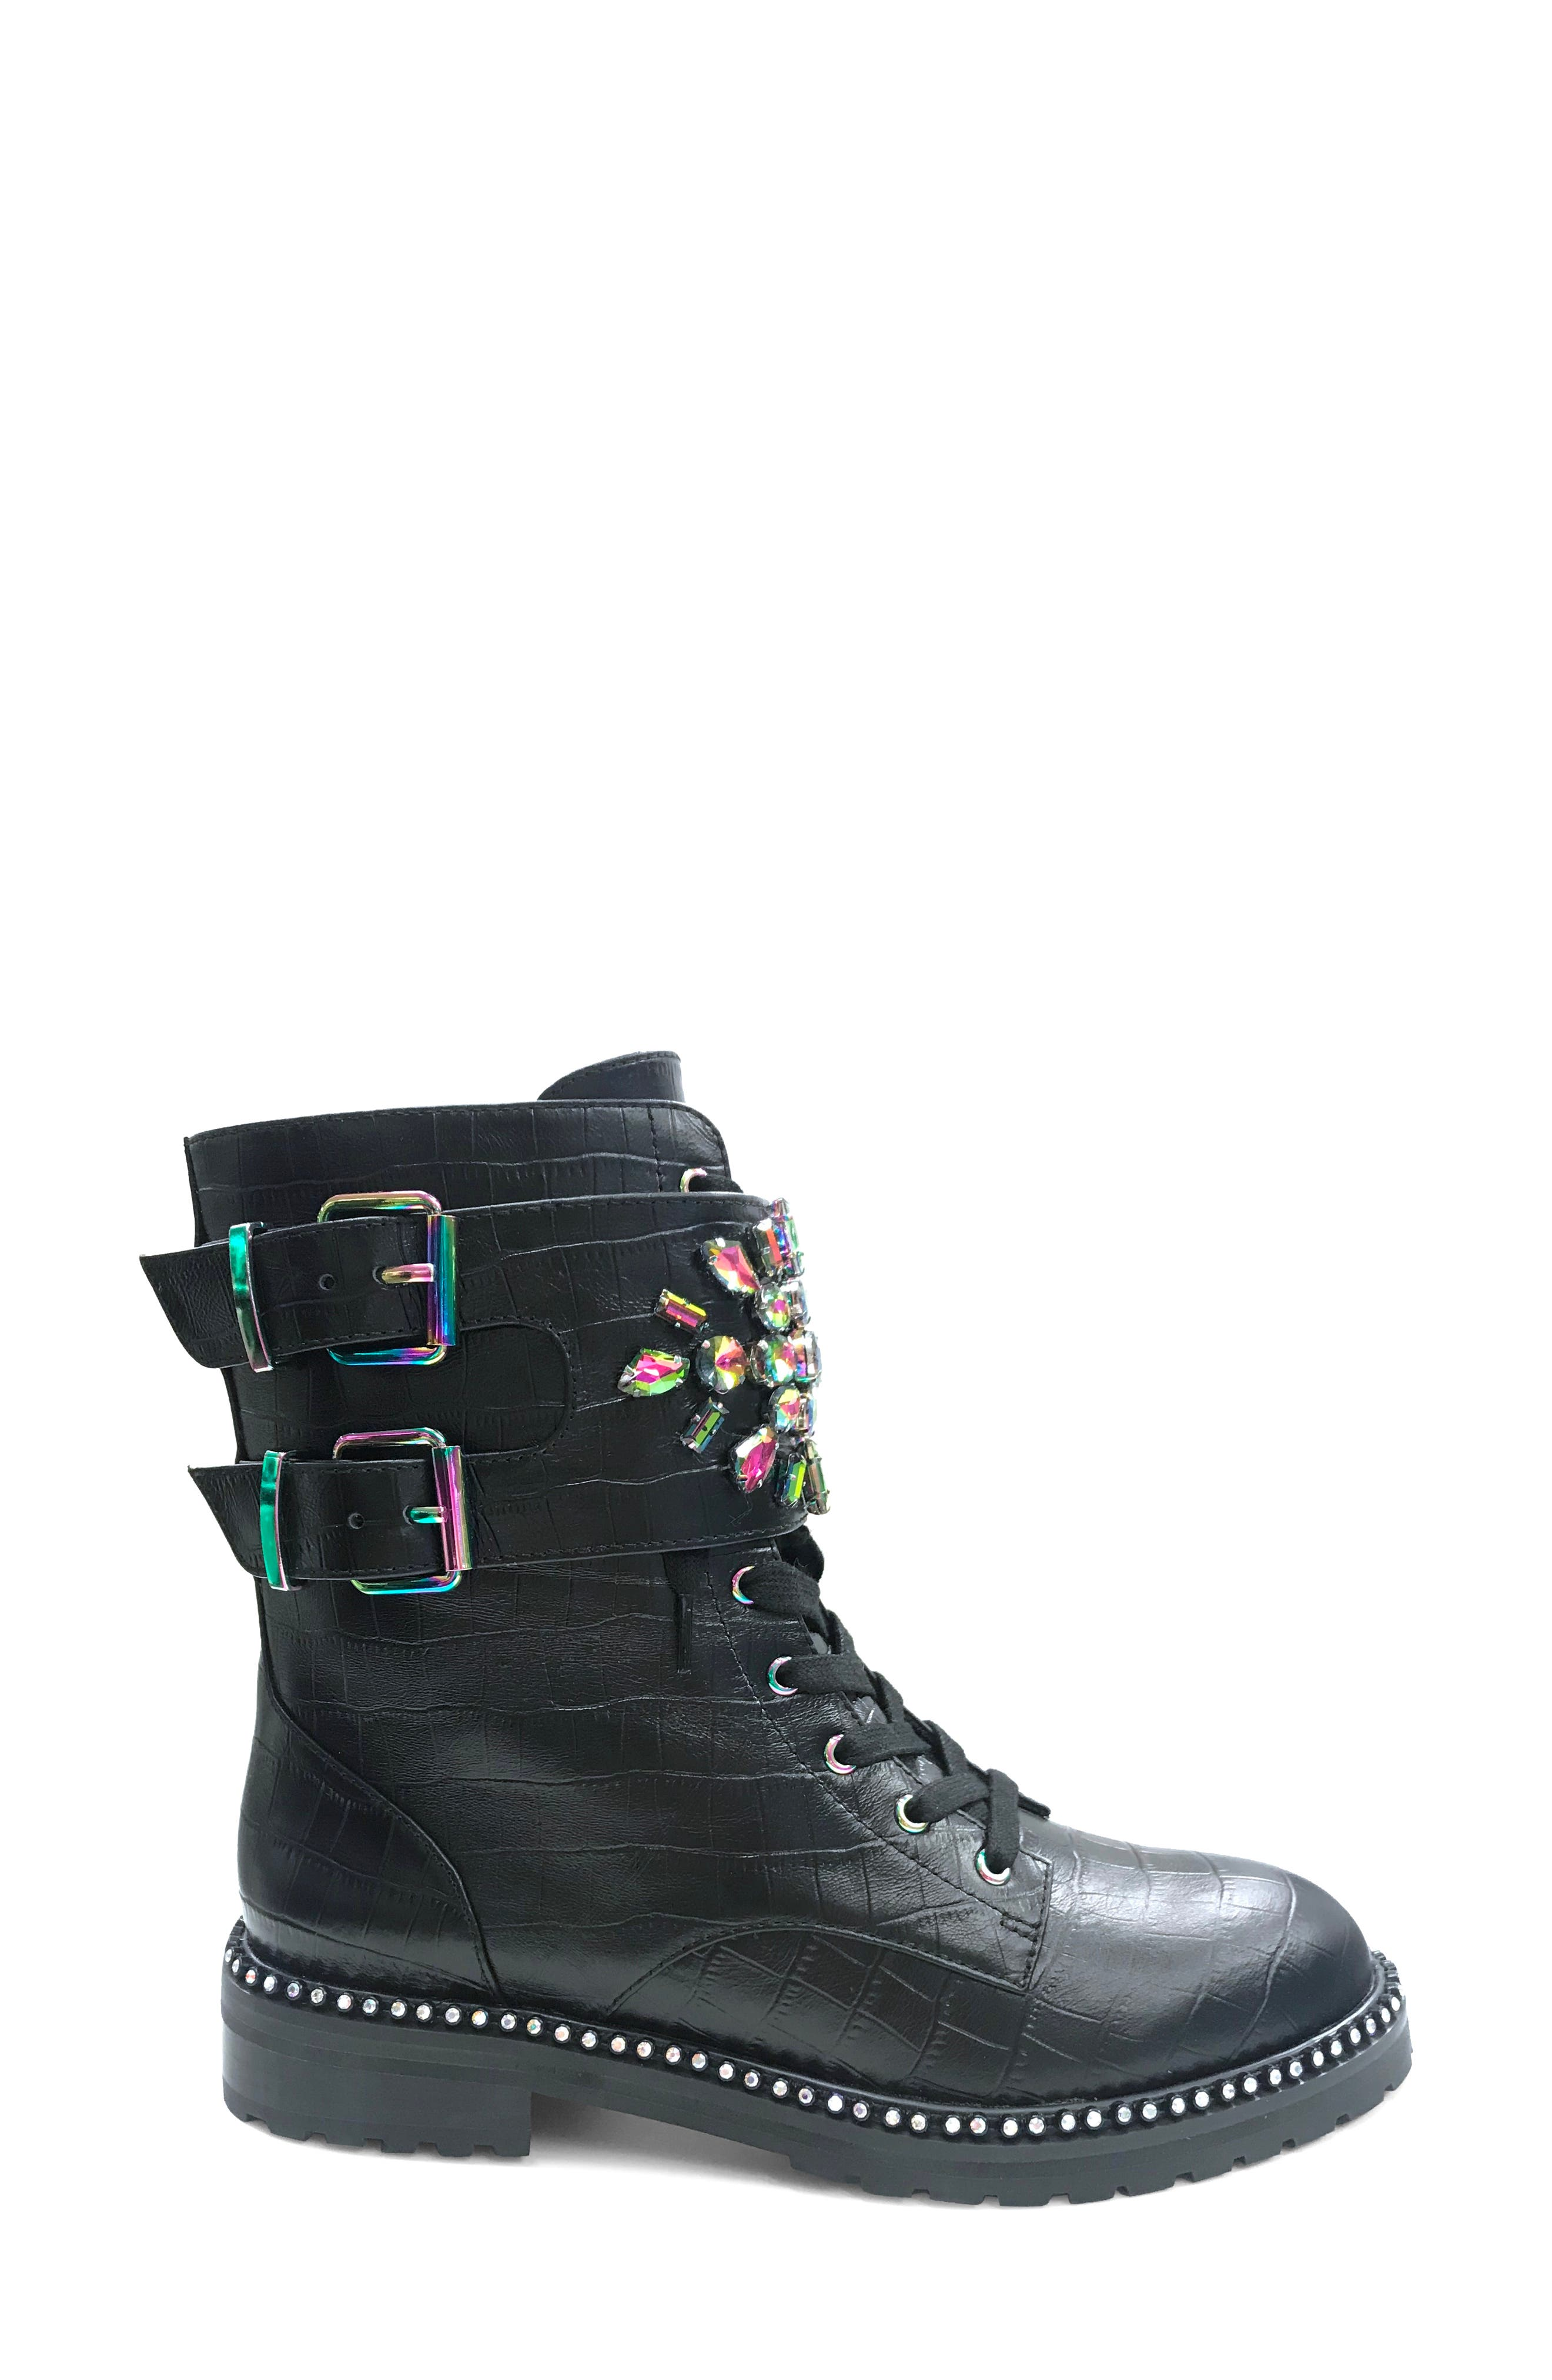 Women's Kurt Geiger London Shoes